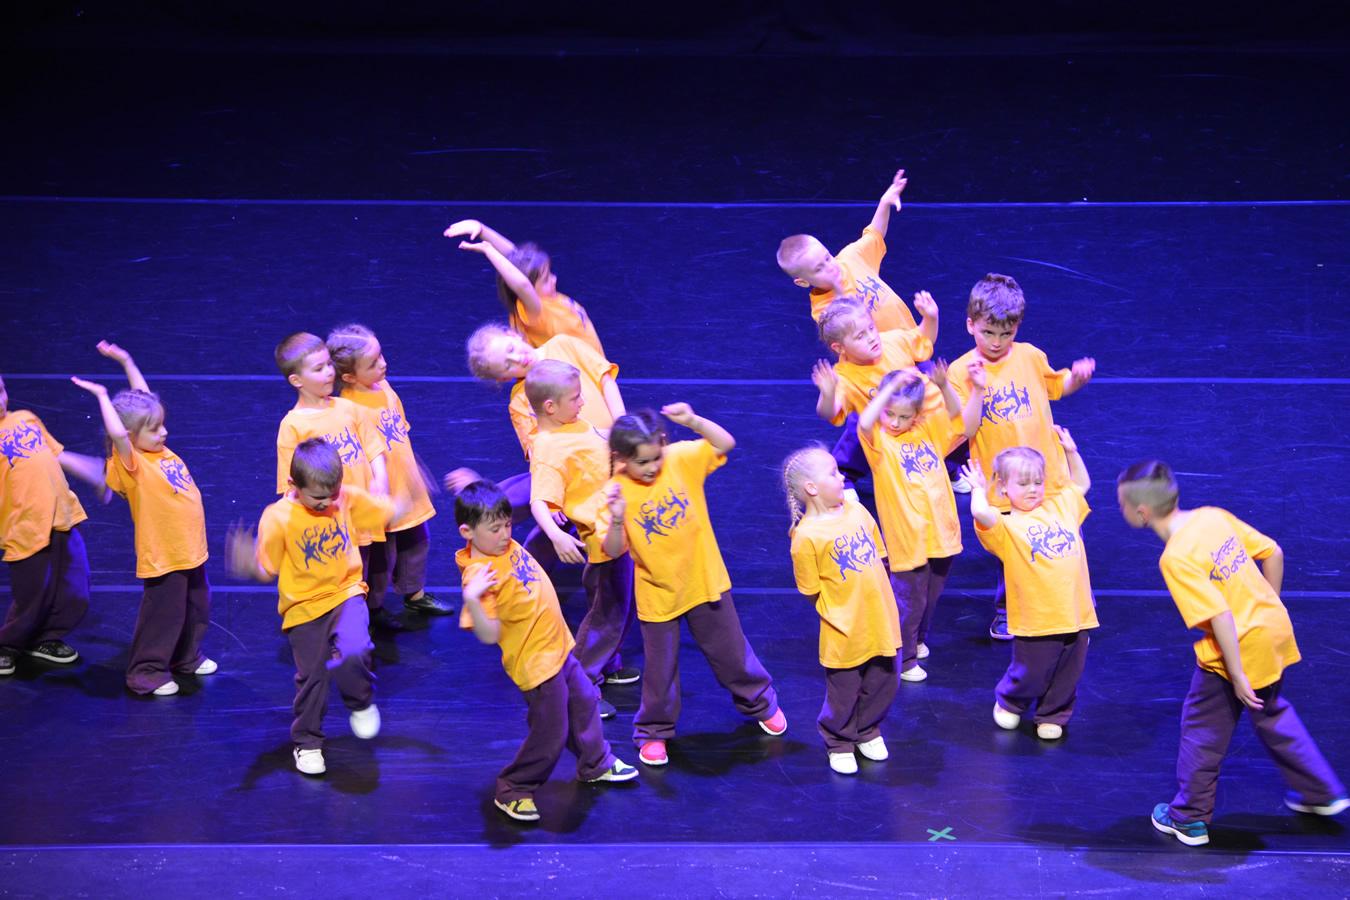 CJ's Dance Show